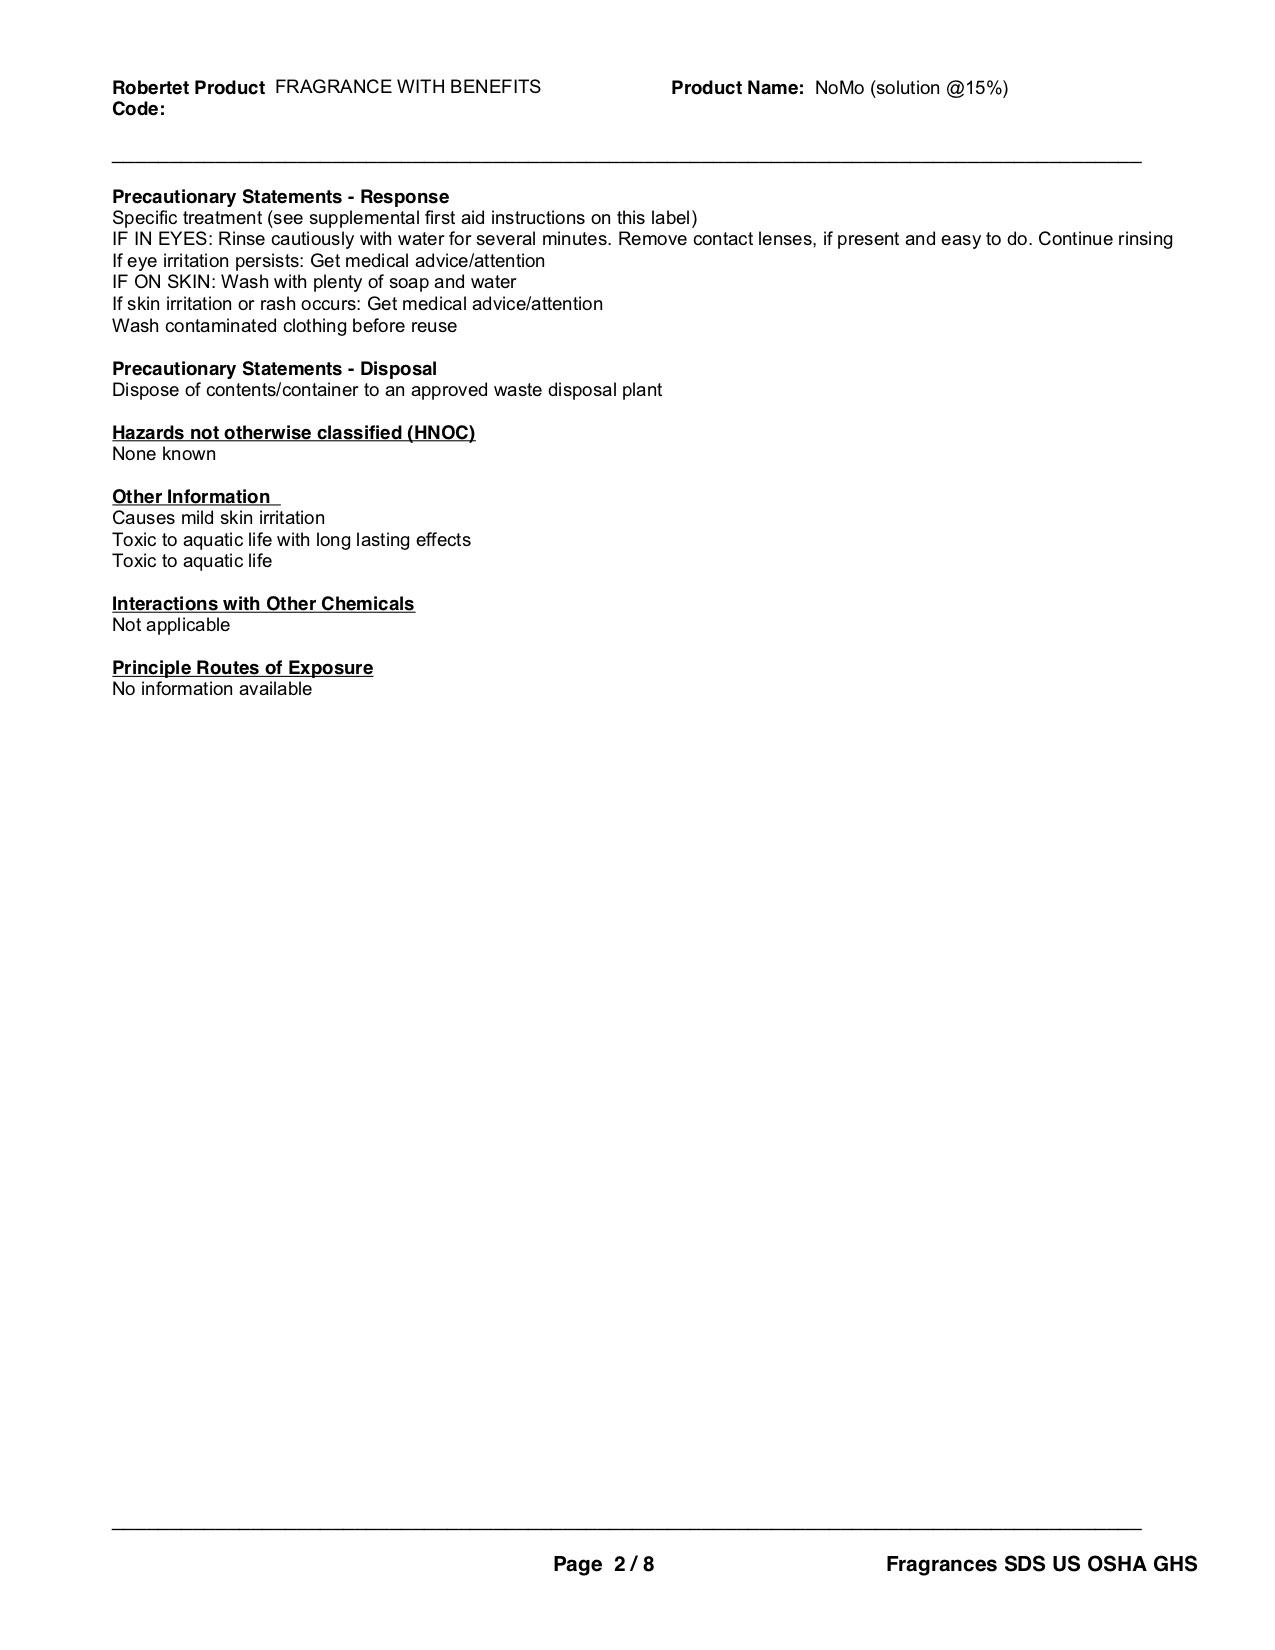 NoMo (solution @15%) GHS US SDS -2.jpg